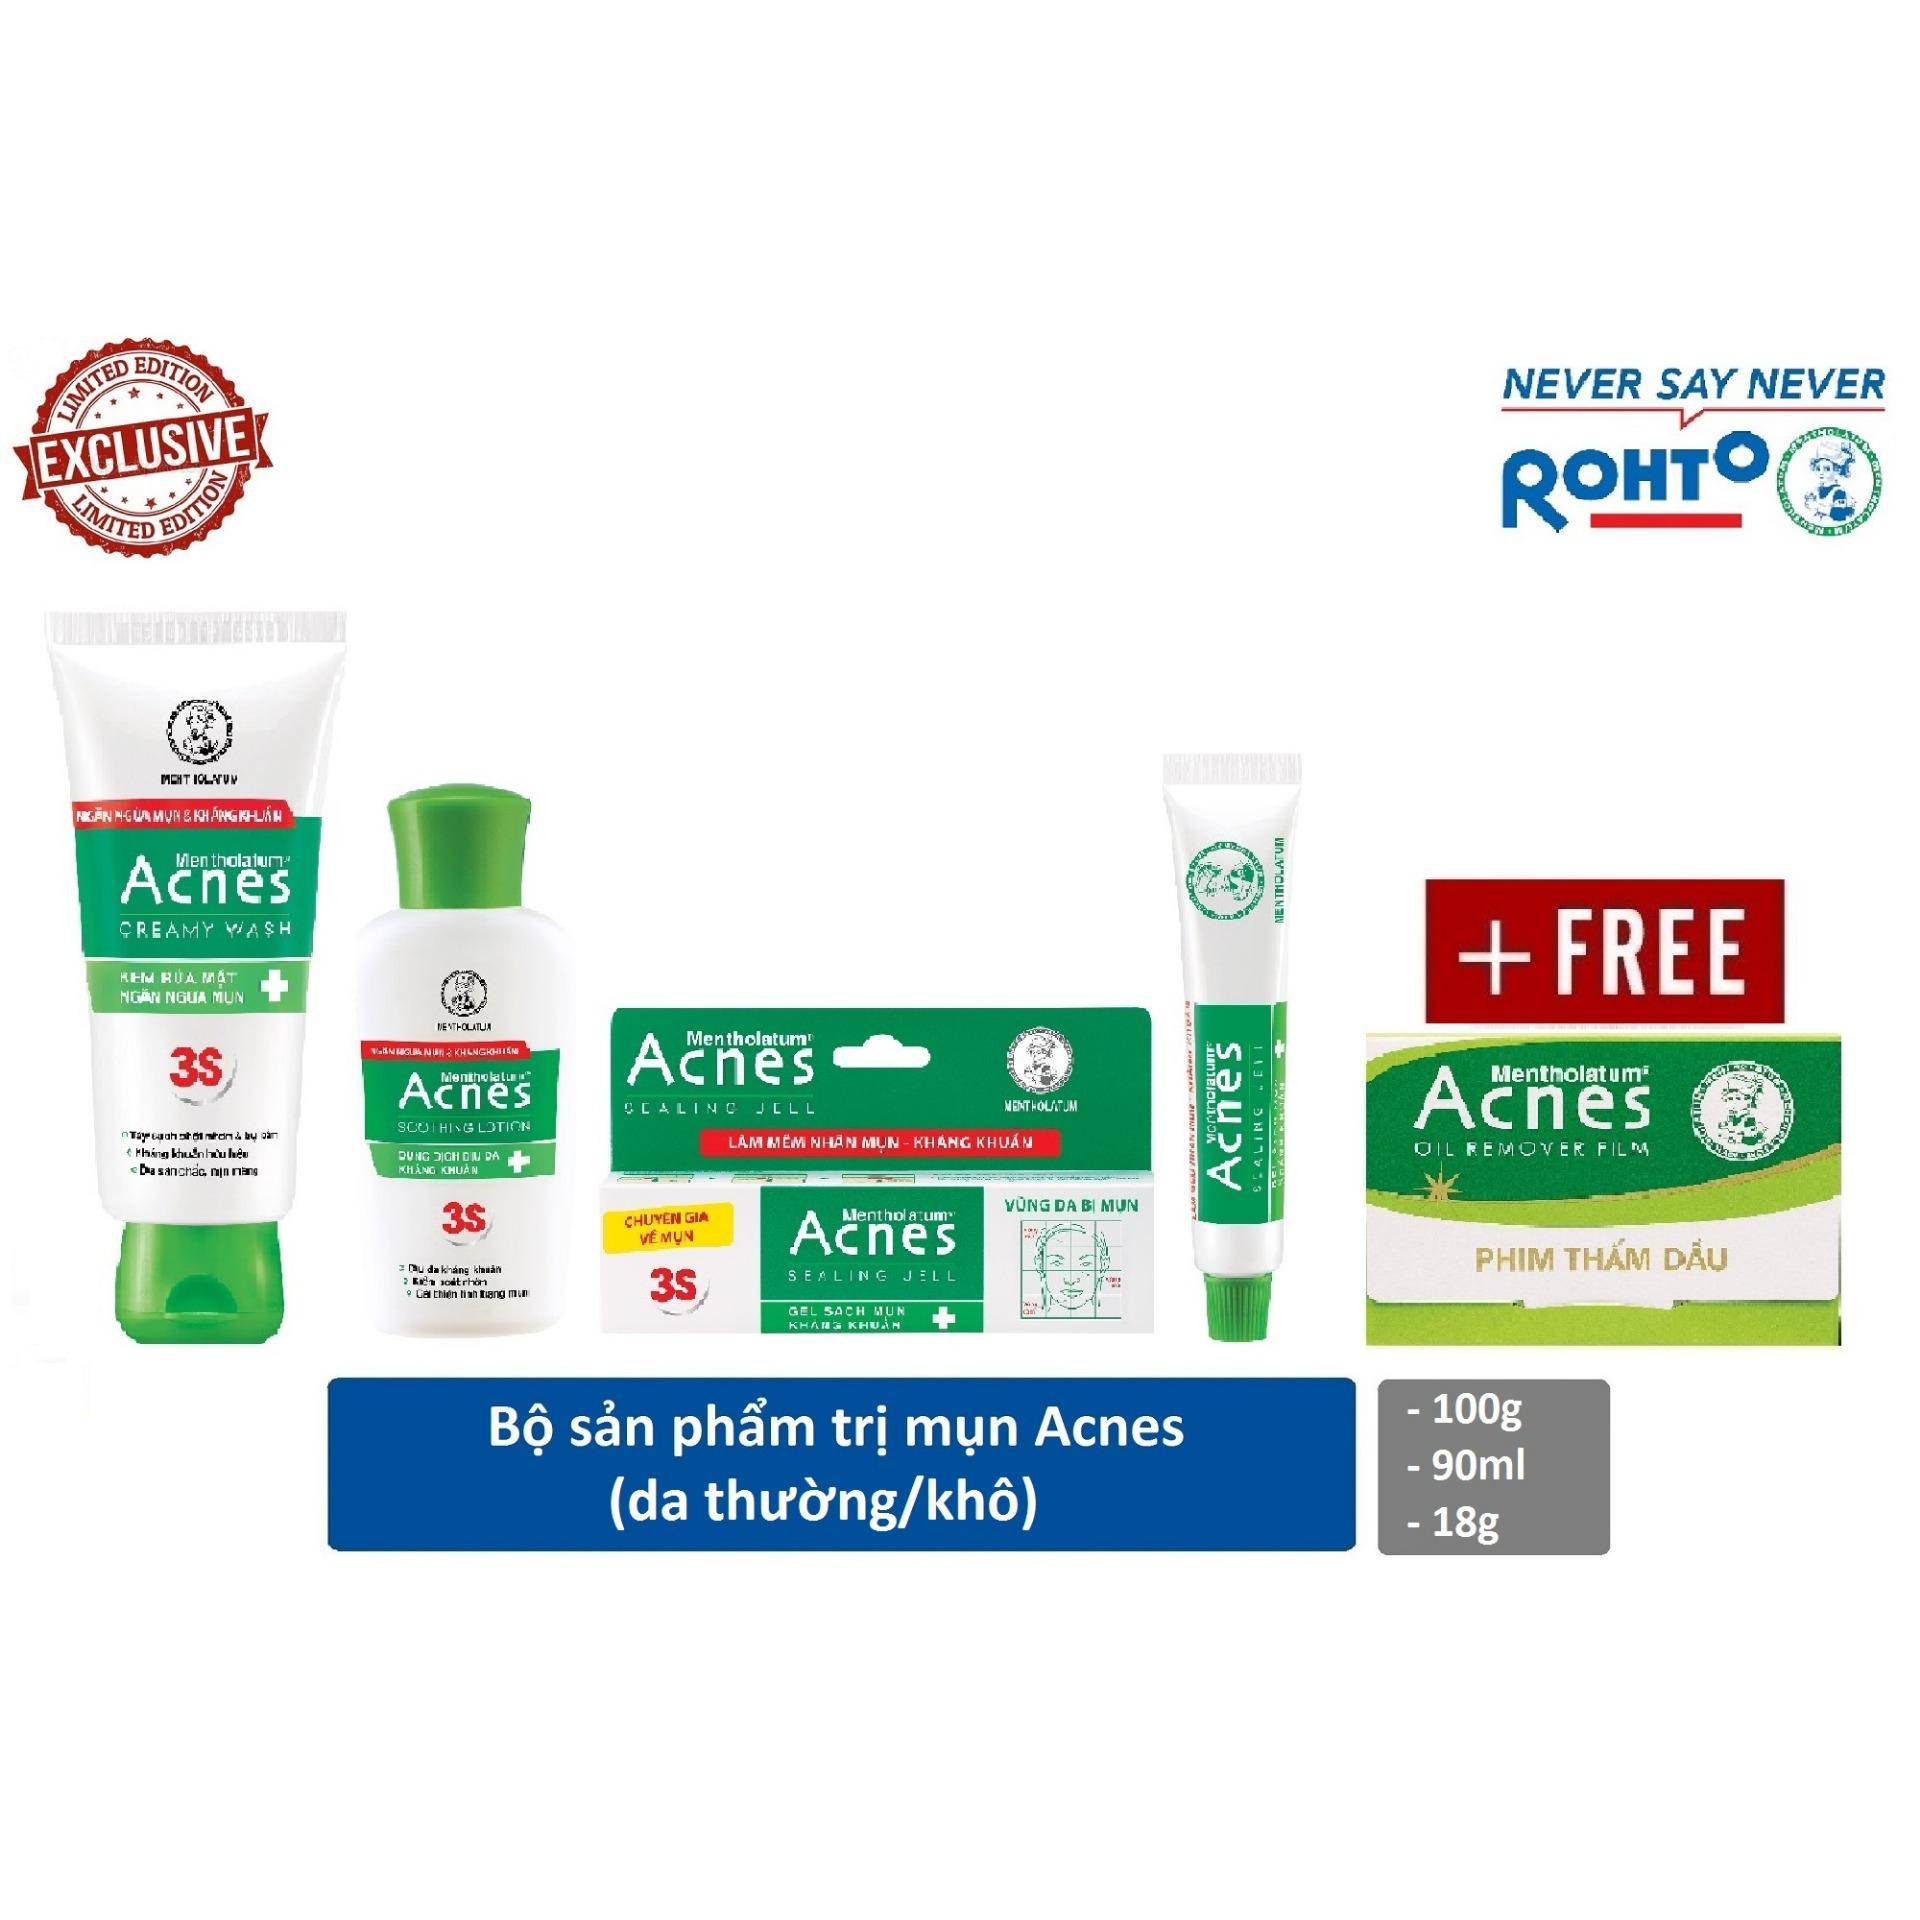 Bộ sản phẩm trị mụn Rohto Acnes (da thường/khô) + Tặng 1 phim thấm dầu Acnes Oil Remover 50 tờ